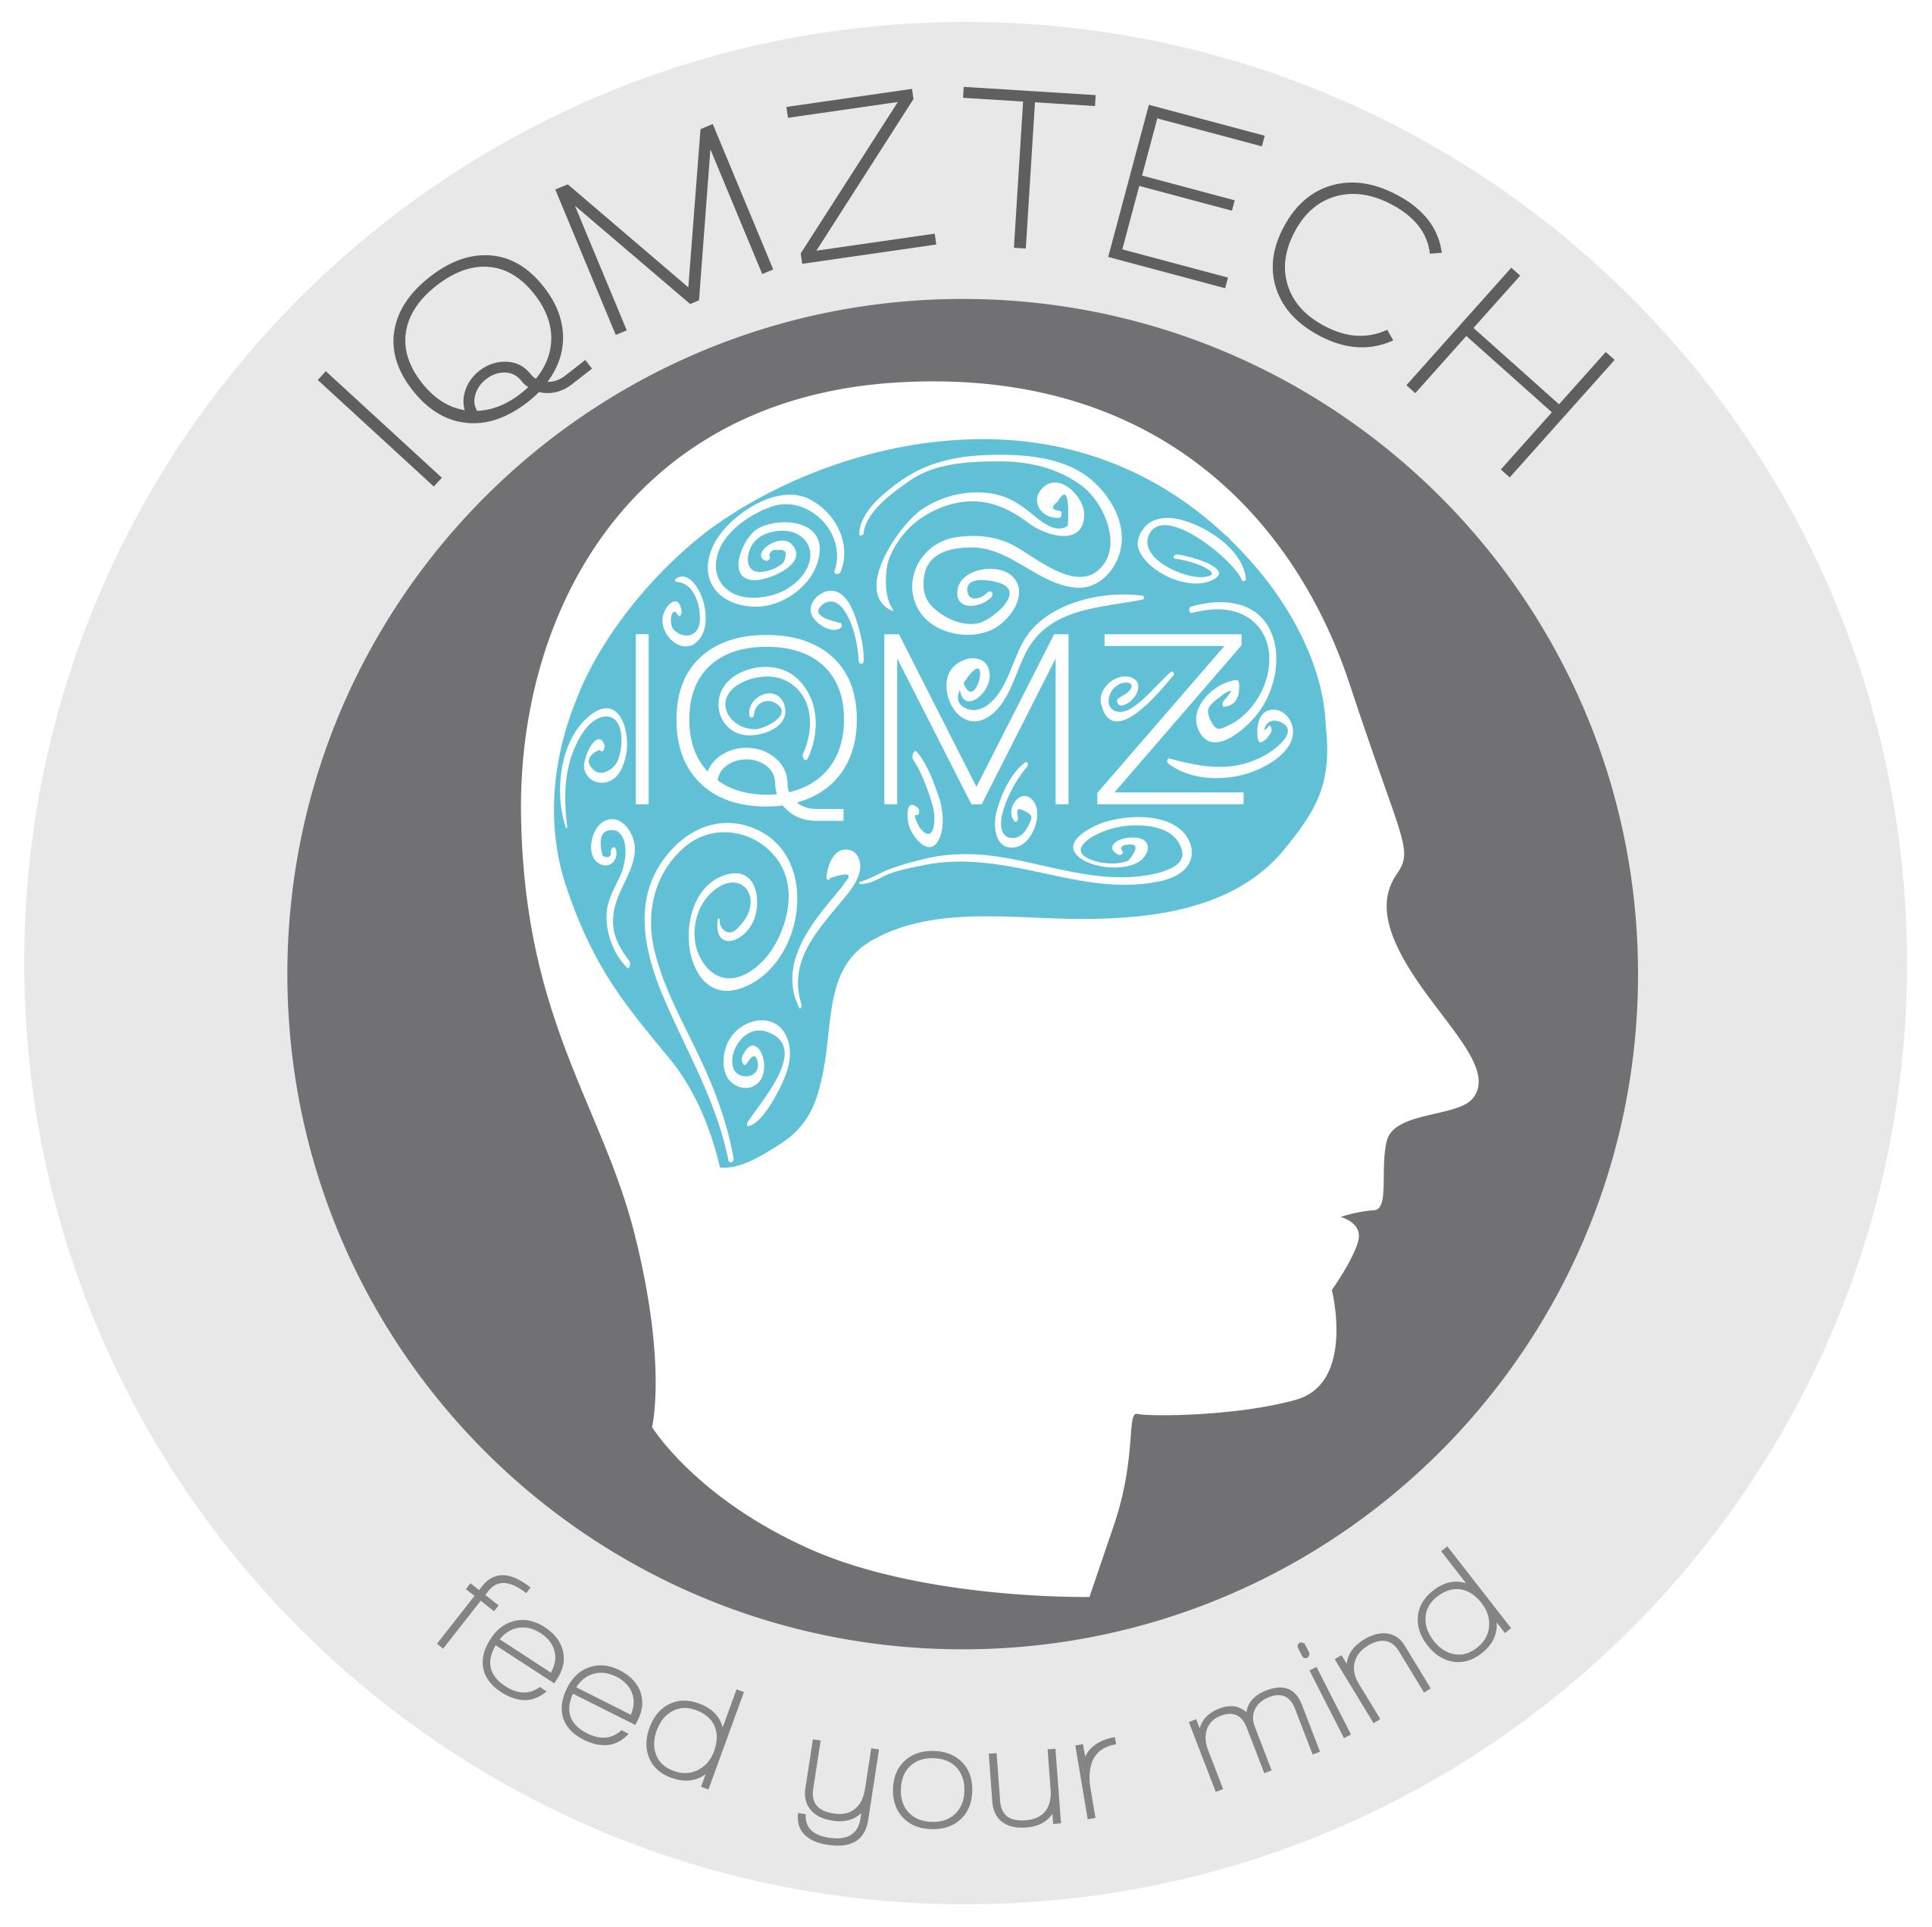 IQMZ Tech